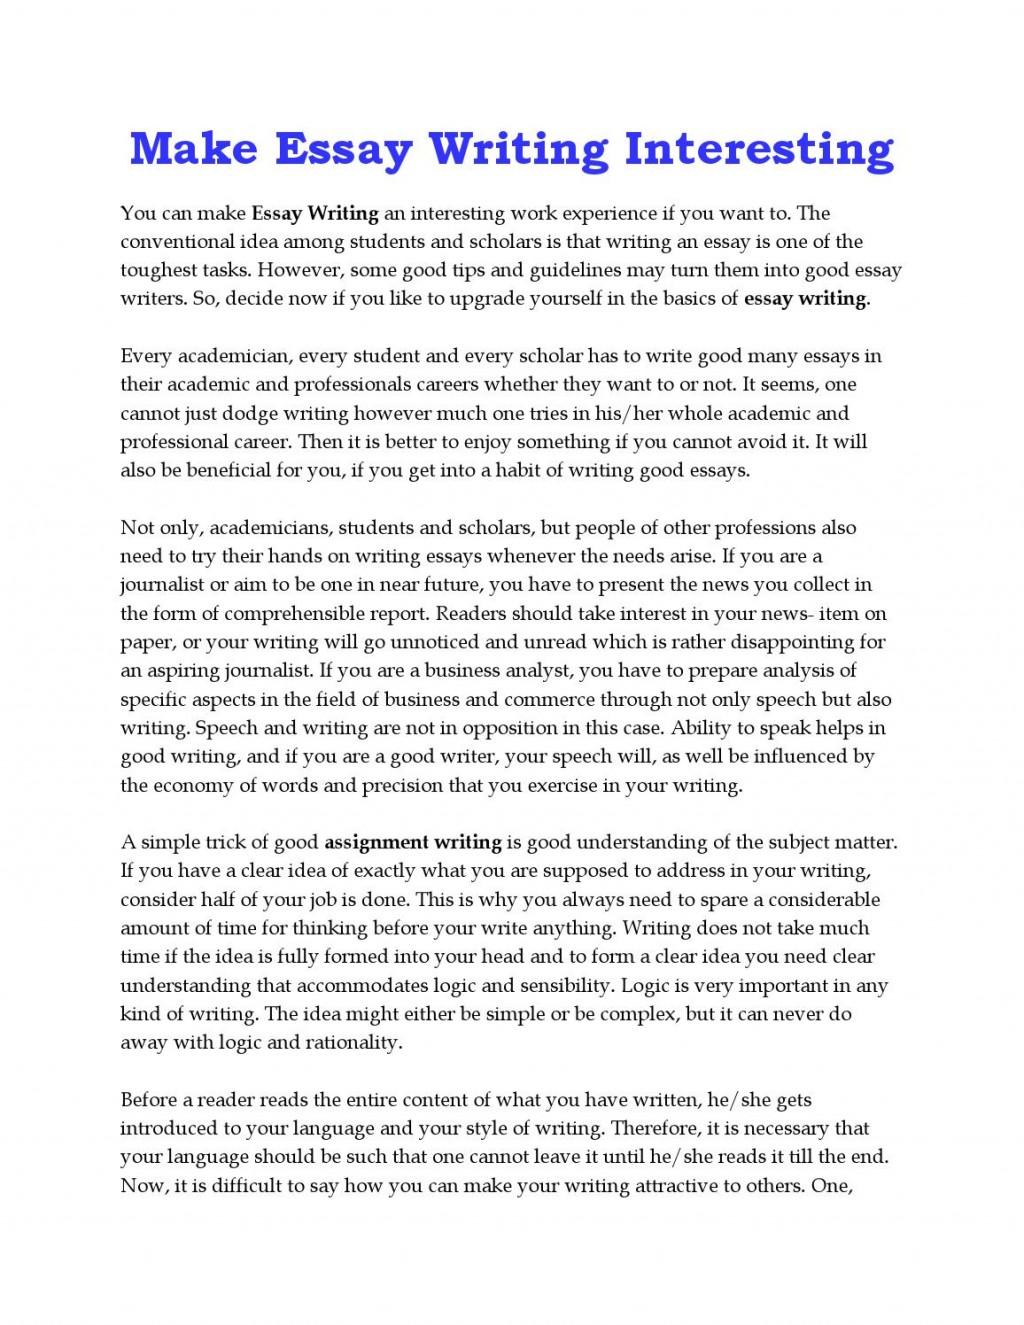 016 Professionalism Essay Example Page 1 Sensational Pdf Conclusion Teacher Large